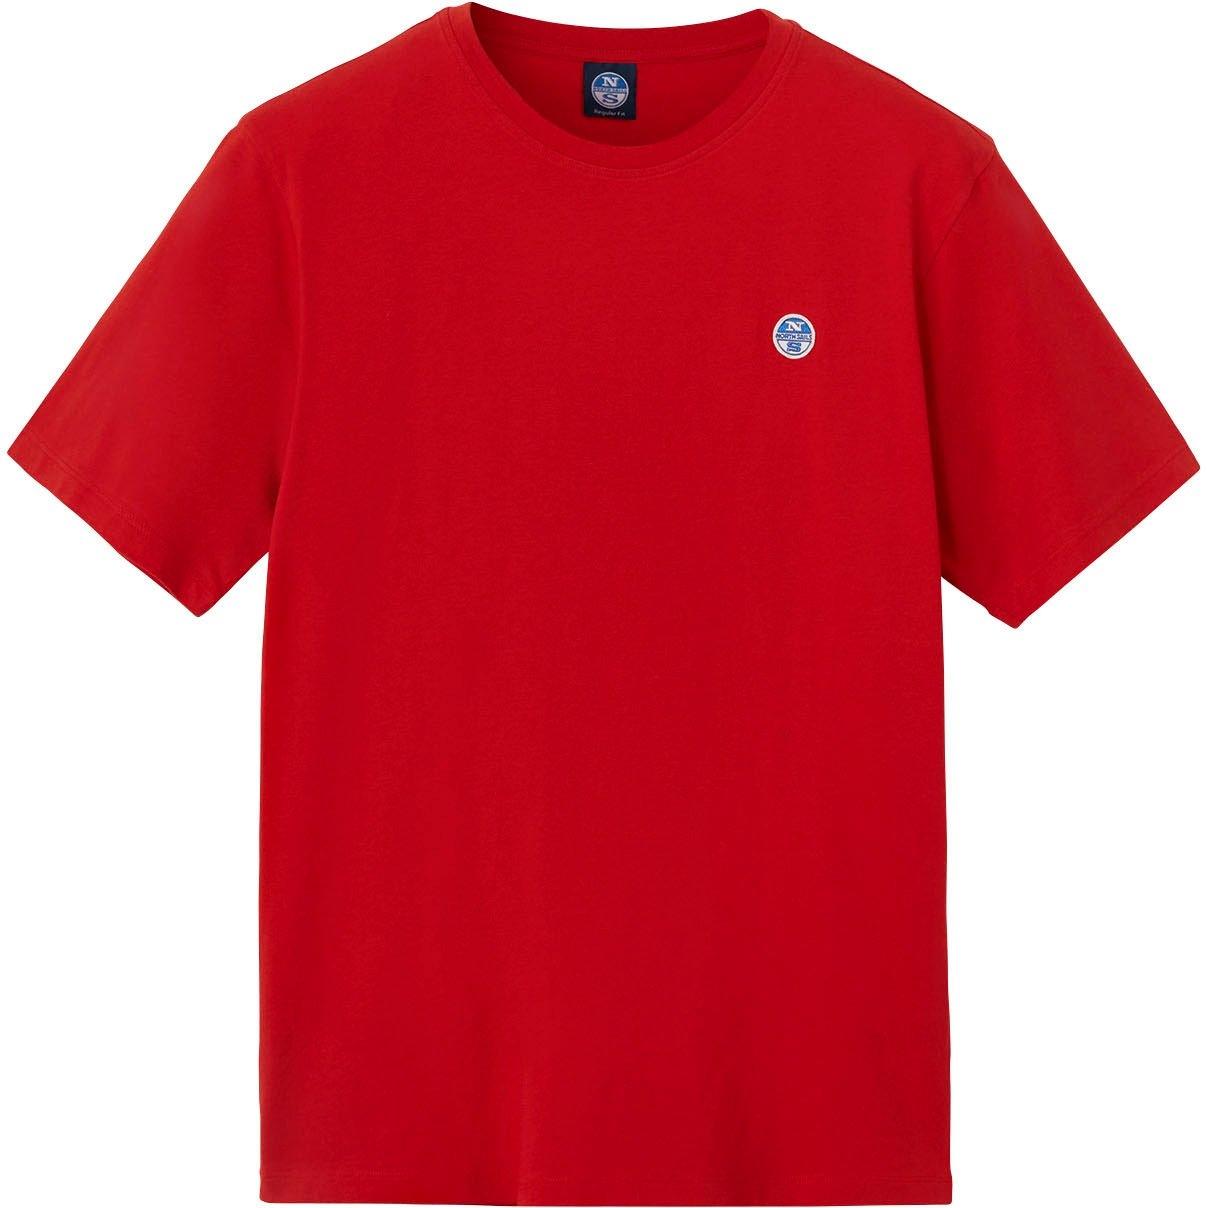 North Sails T-shirt met kleine applicatie voordelig en veilig online kopen